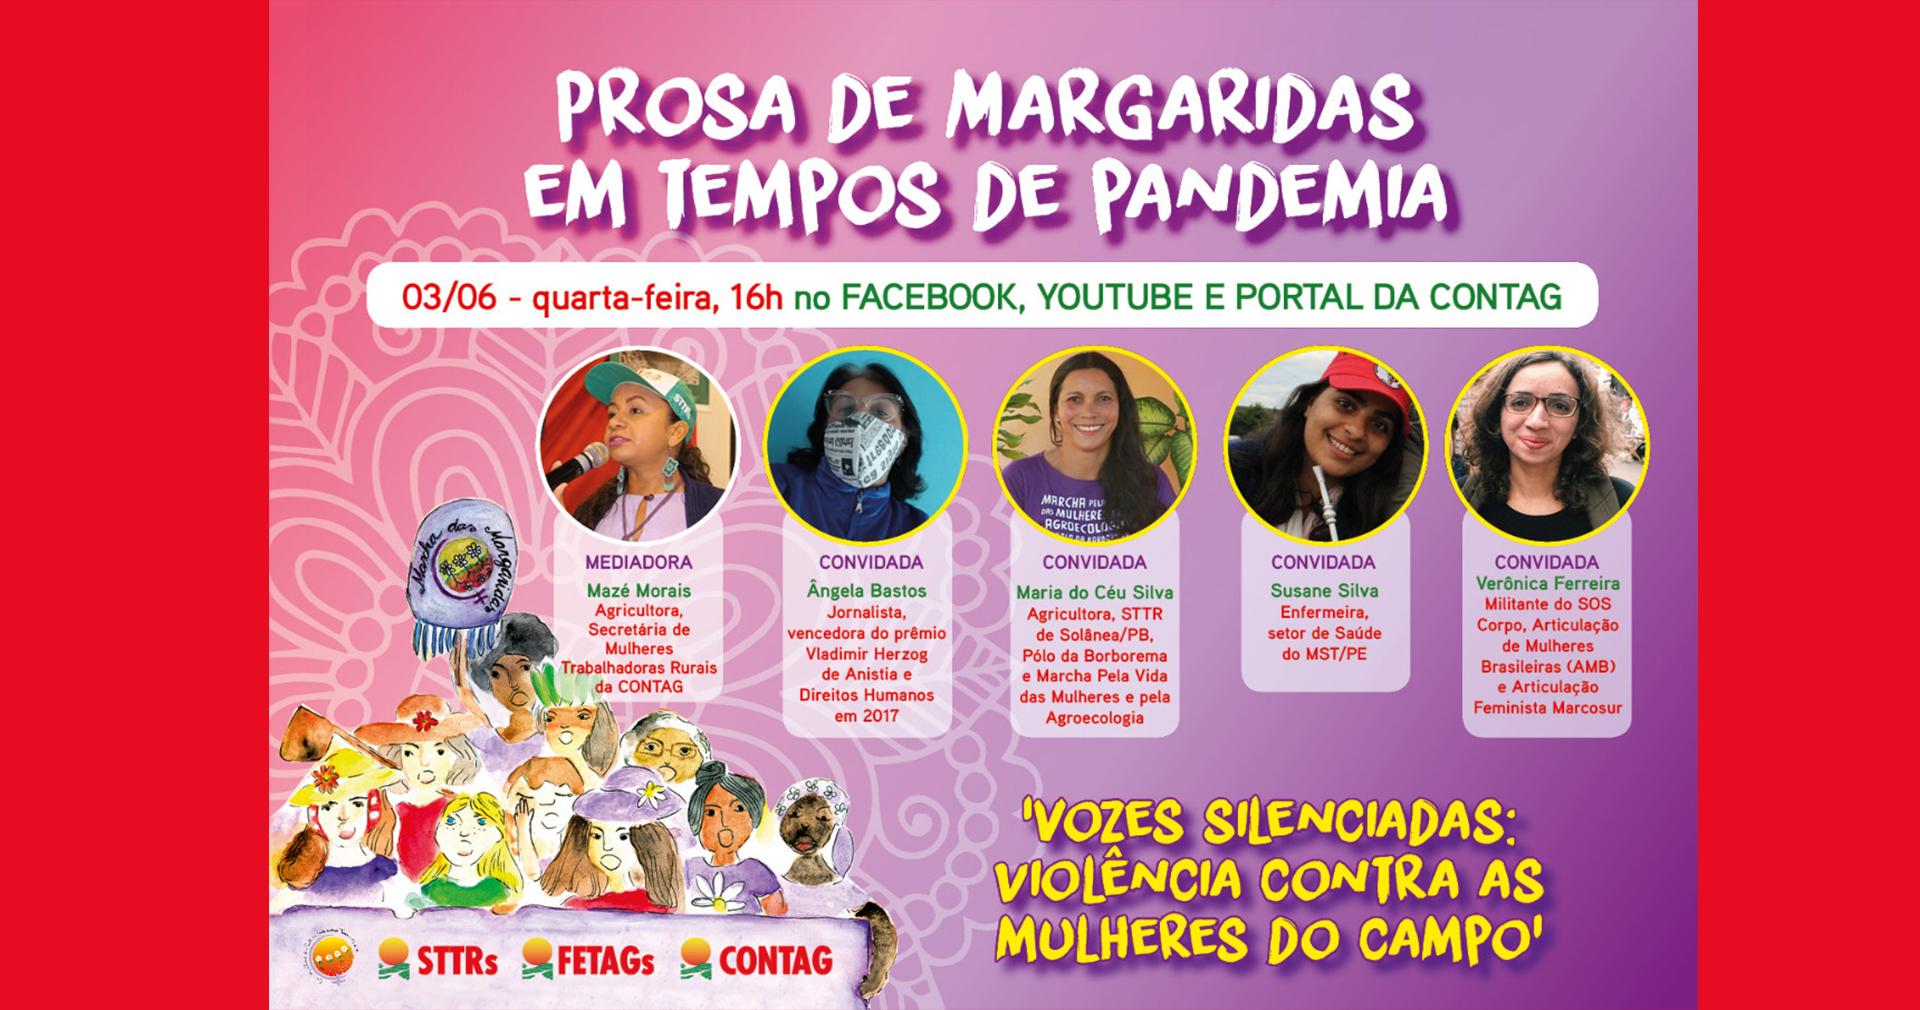 Live discute a violência contra as mulheres do campo